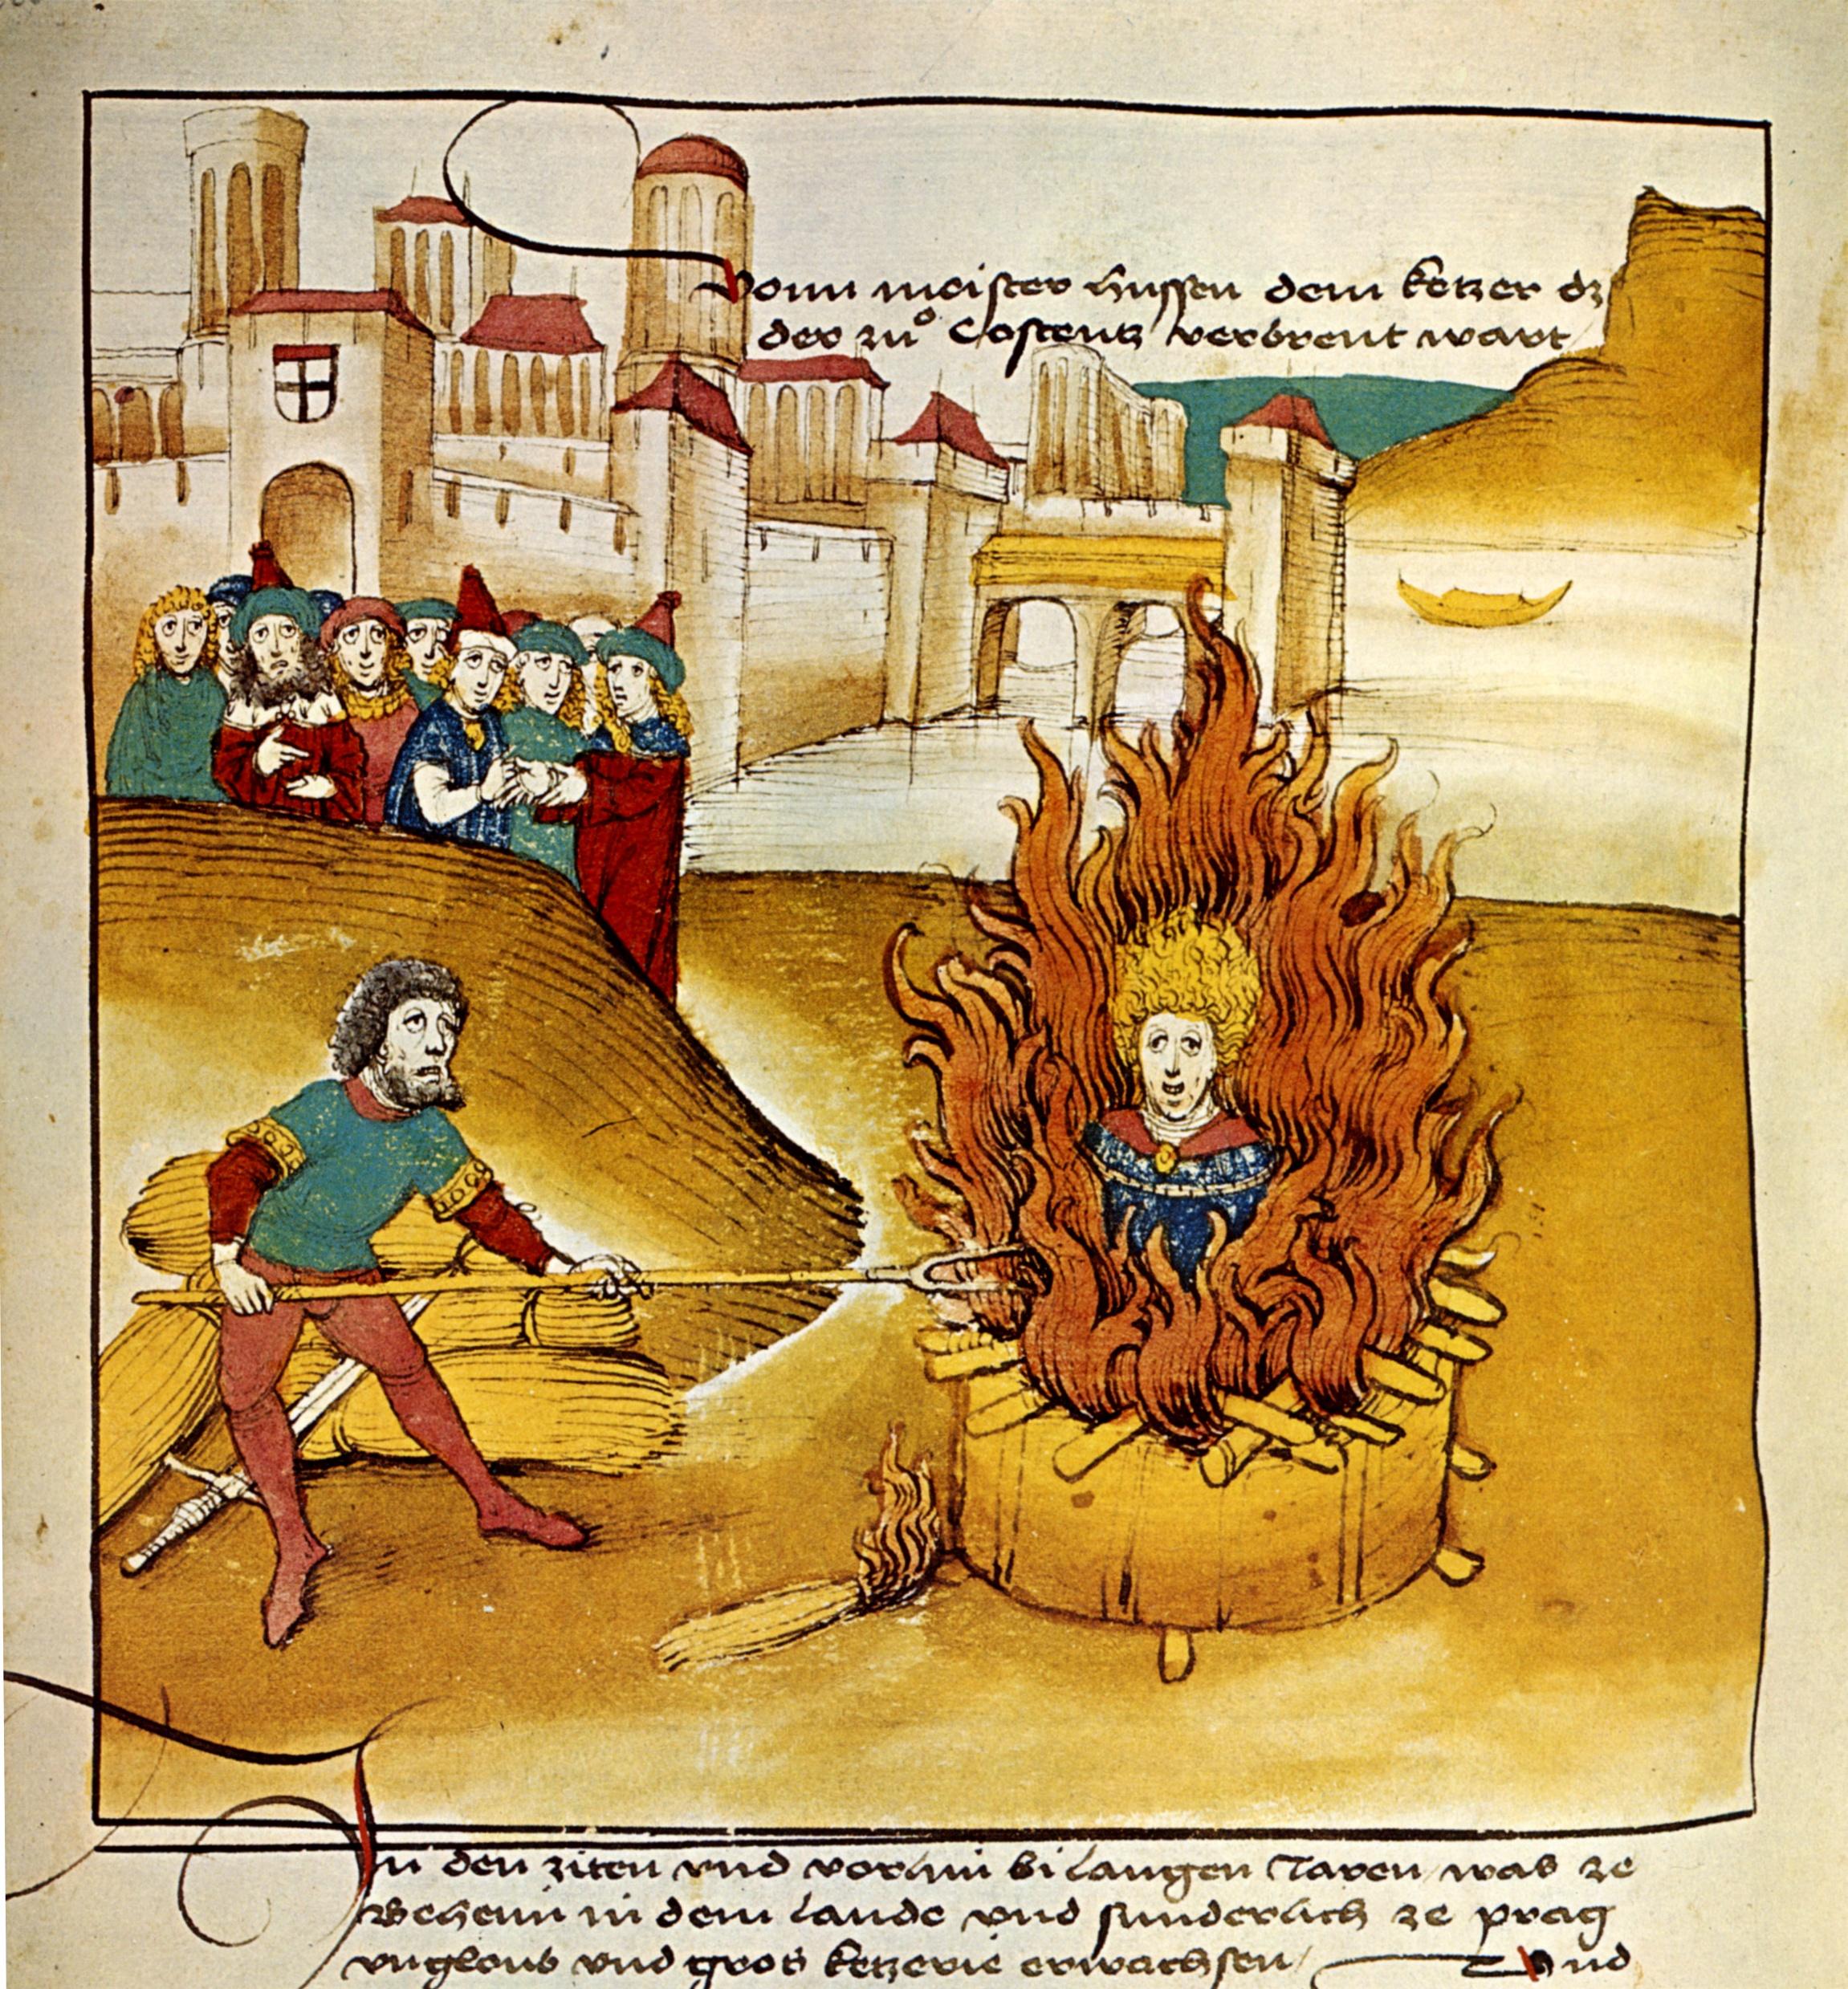 Jan Hus wird als Ketzer verbrannt.  (C) Gemeinfrei, https://commons.wikimedia.org/w/index.php?curid=669283